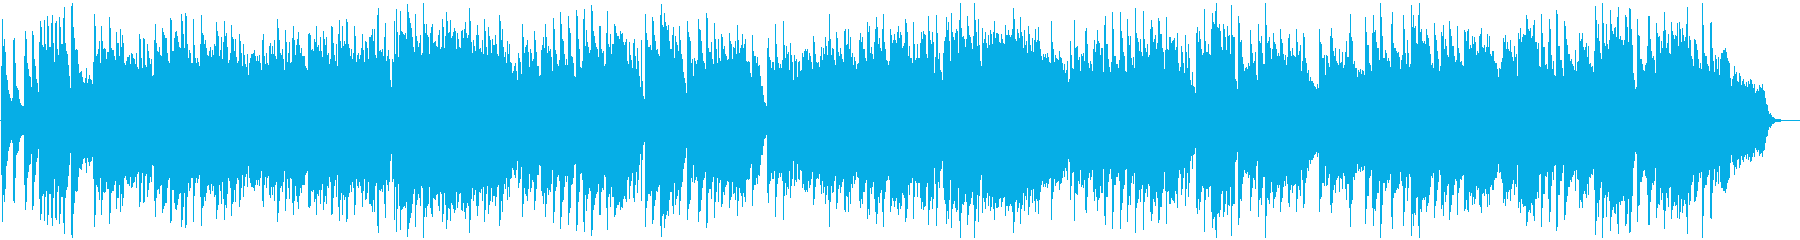 幻想的でゆっくりなメロディーの再生済みの波形